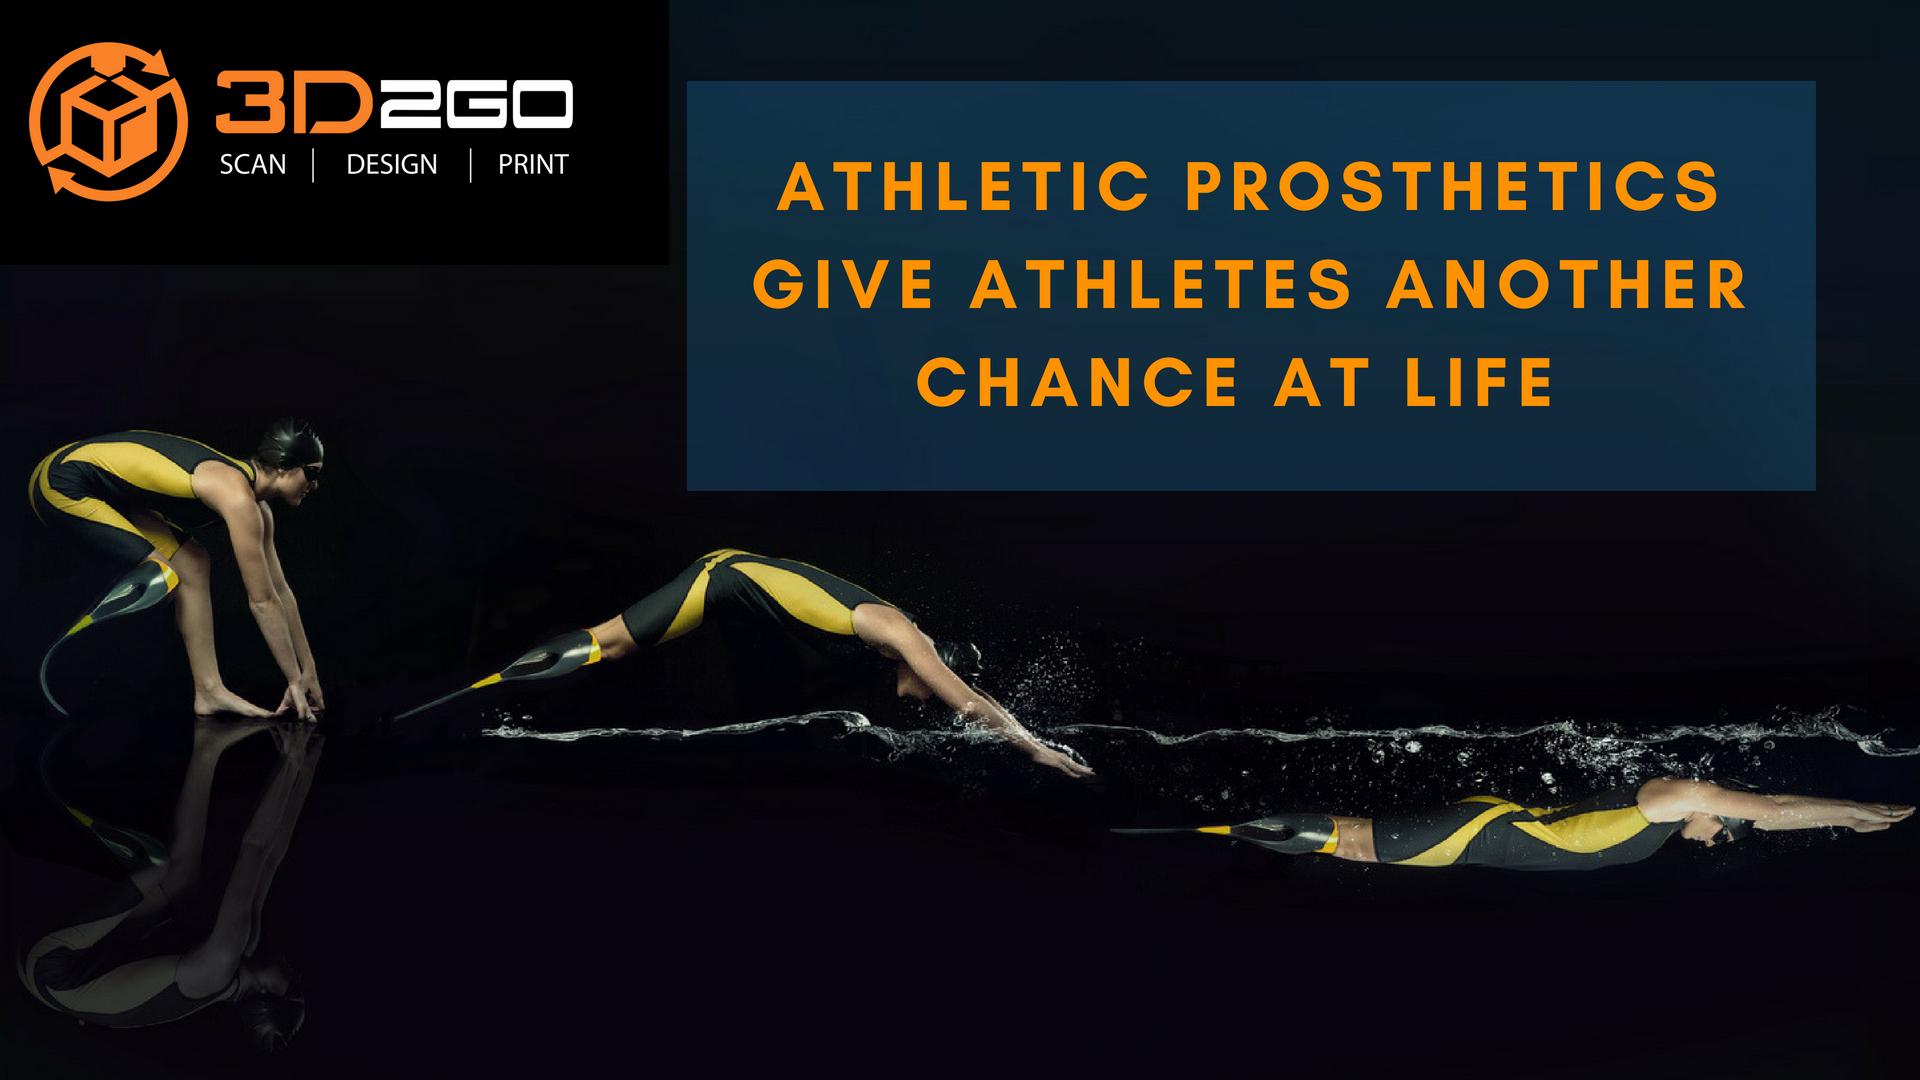 athletic prosthetics